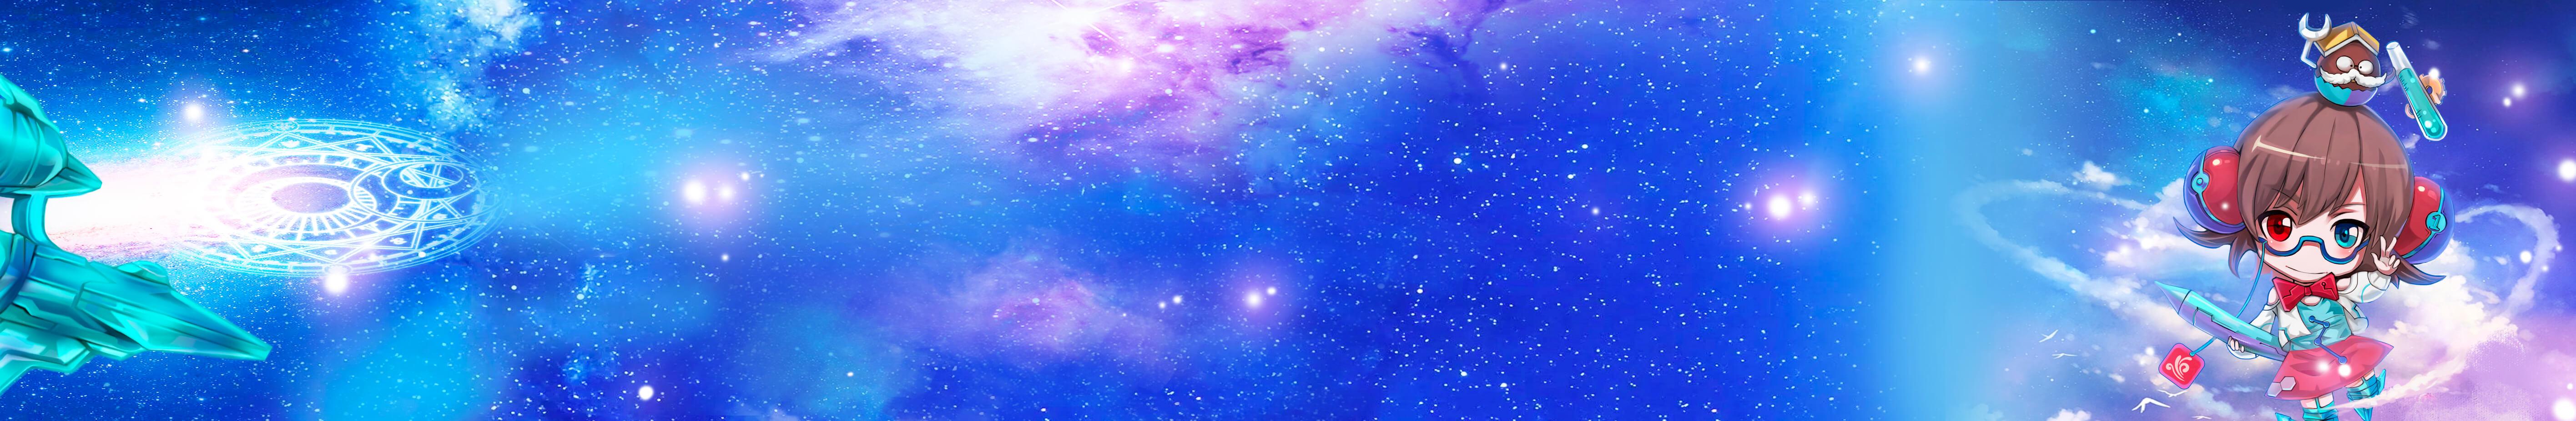 星际寻宝生活